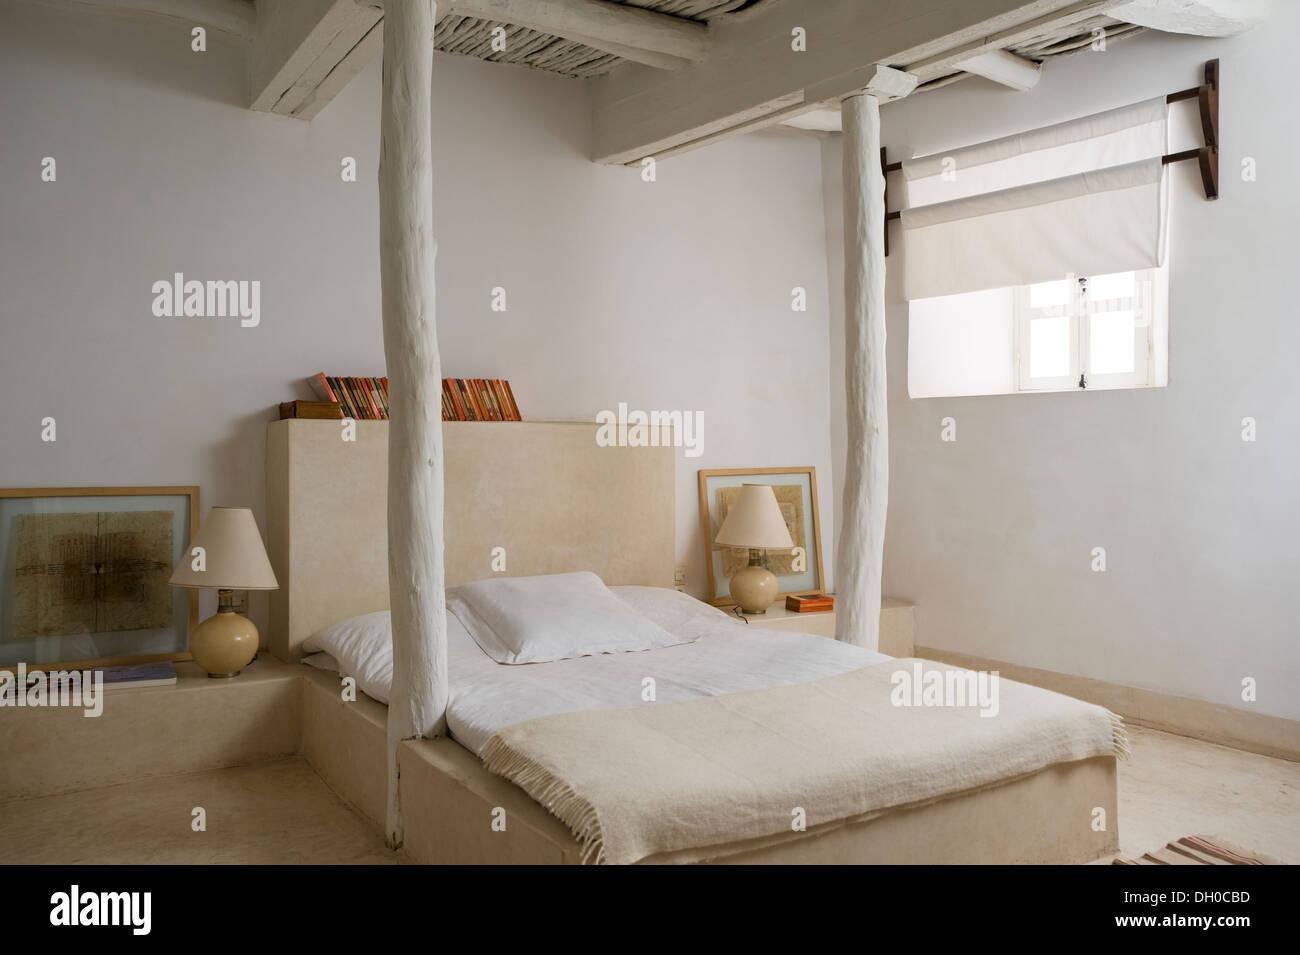 Camere Da Letto Marocco : Dipinto di bianco camera da letto marocchina con soffitto in travi